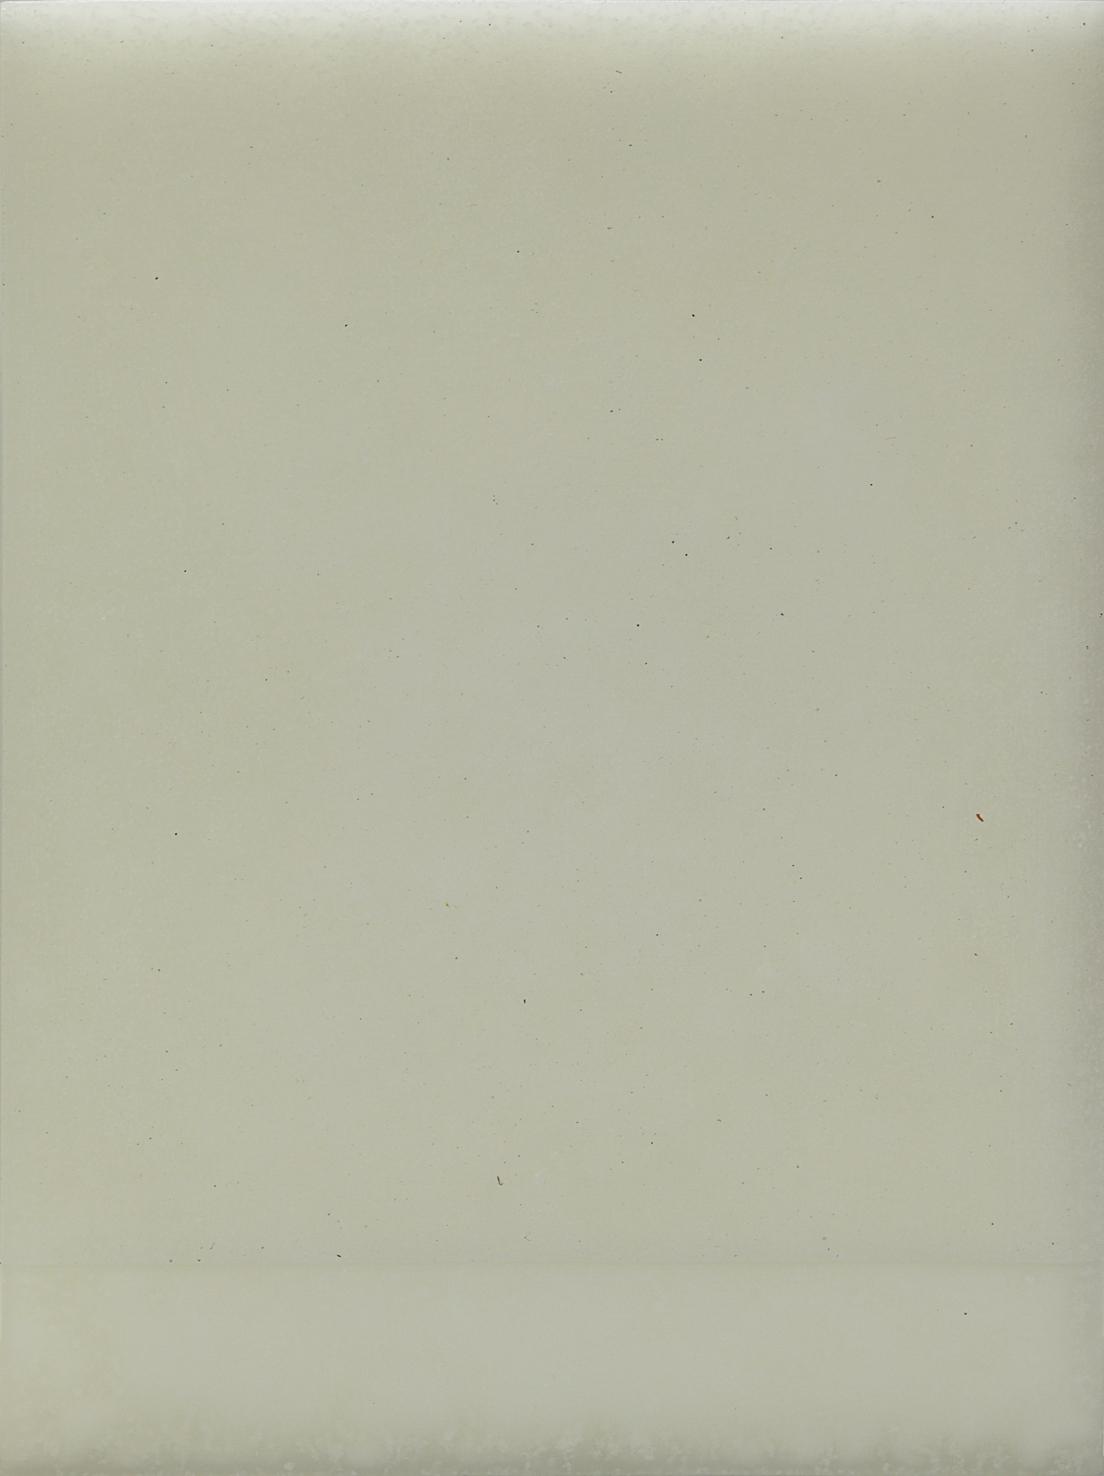 Luke HENG Monologue 2.1 2015 Paraffin wax, beeswax and steel shelf H52 x W39 x D3.5 cm (artwork) H4 x W40 x D5.5 cm (shelf)